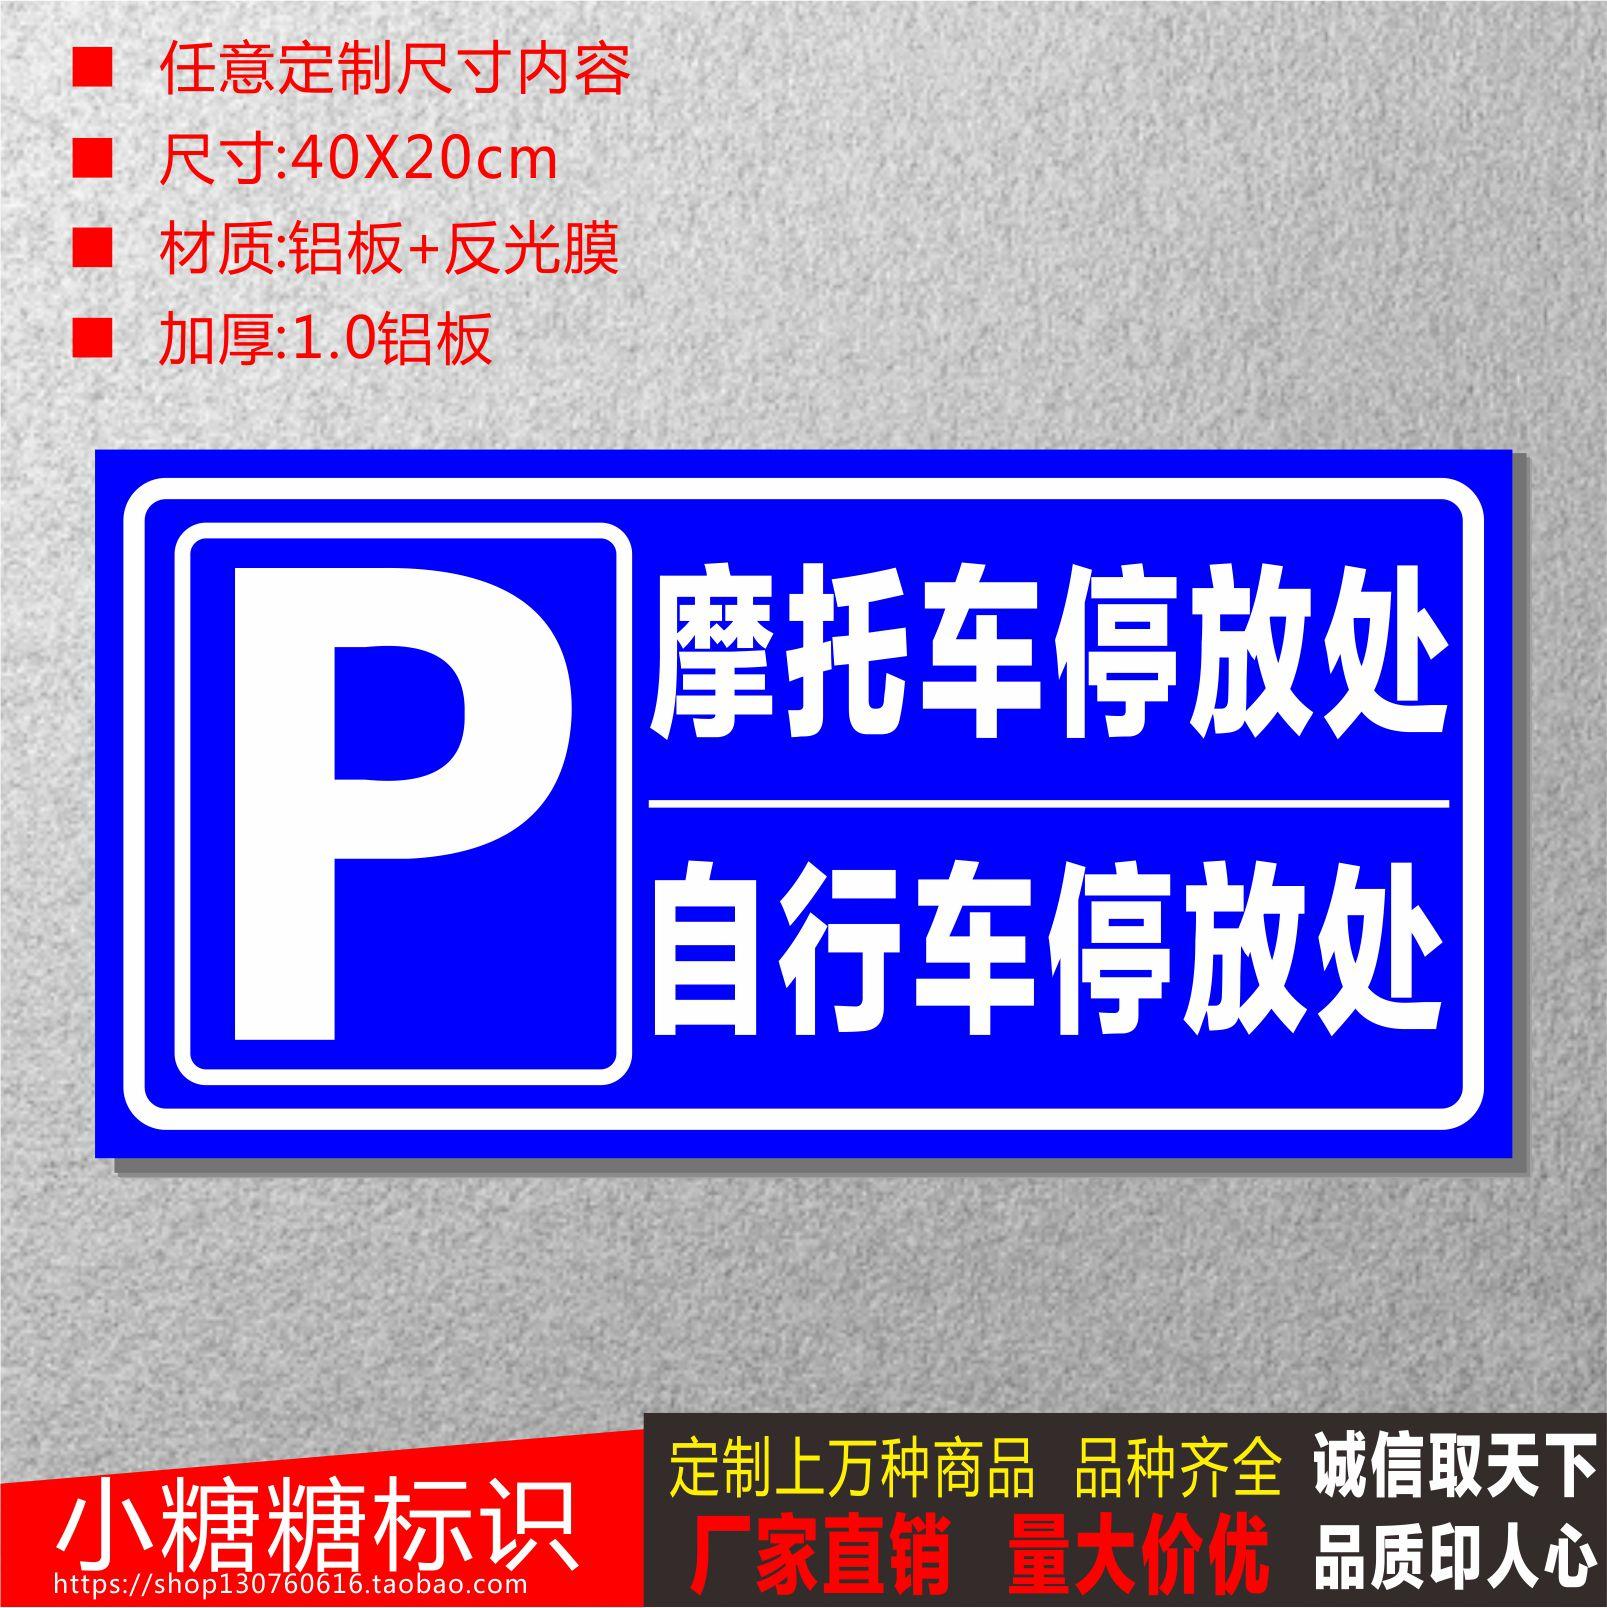 摩托车停车处标识牌自行车电动车停放处标志牌停车场指示 警示牌